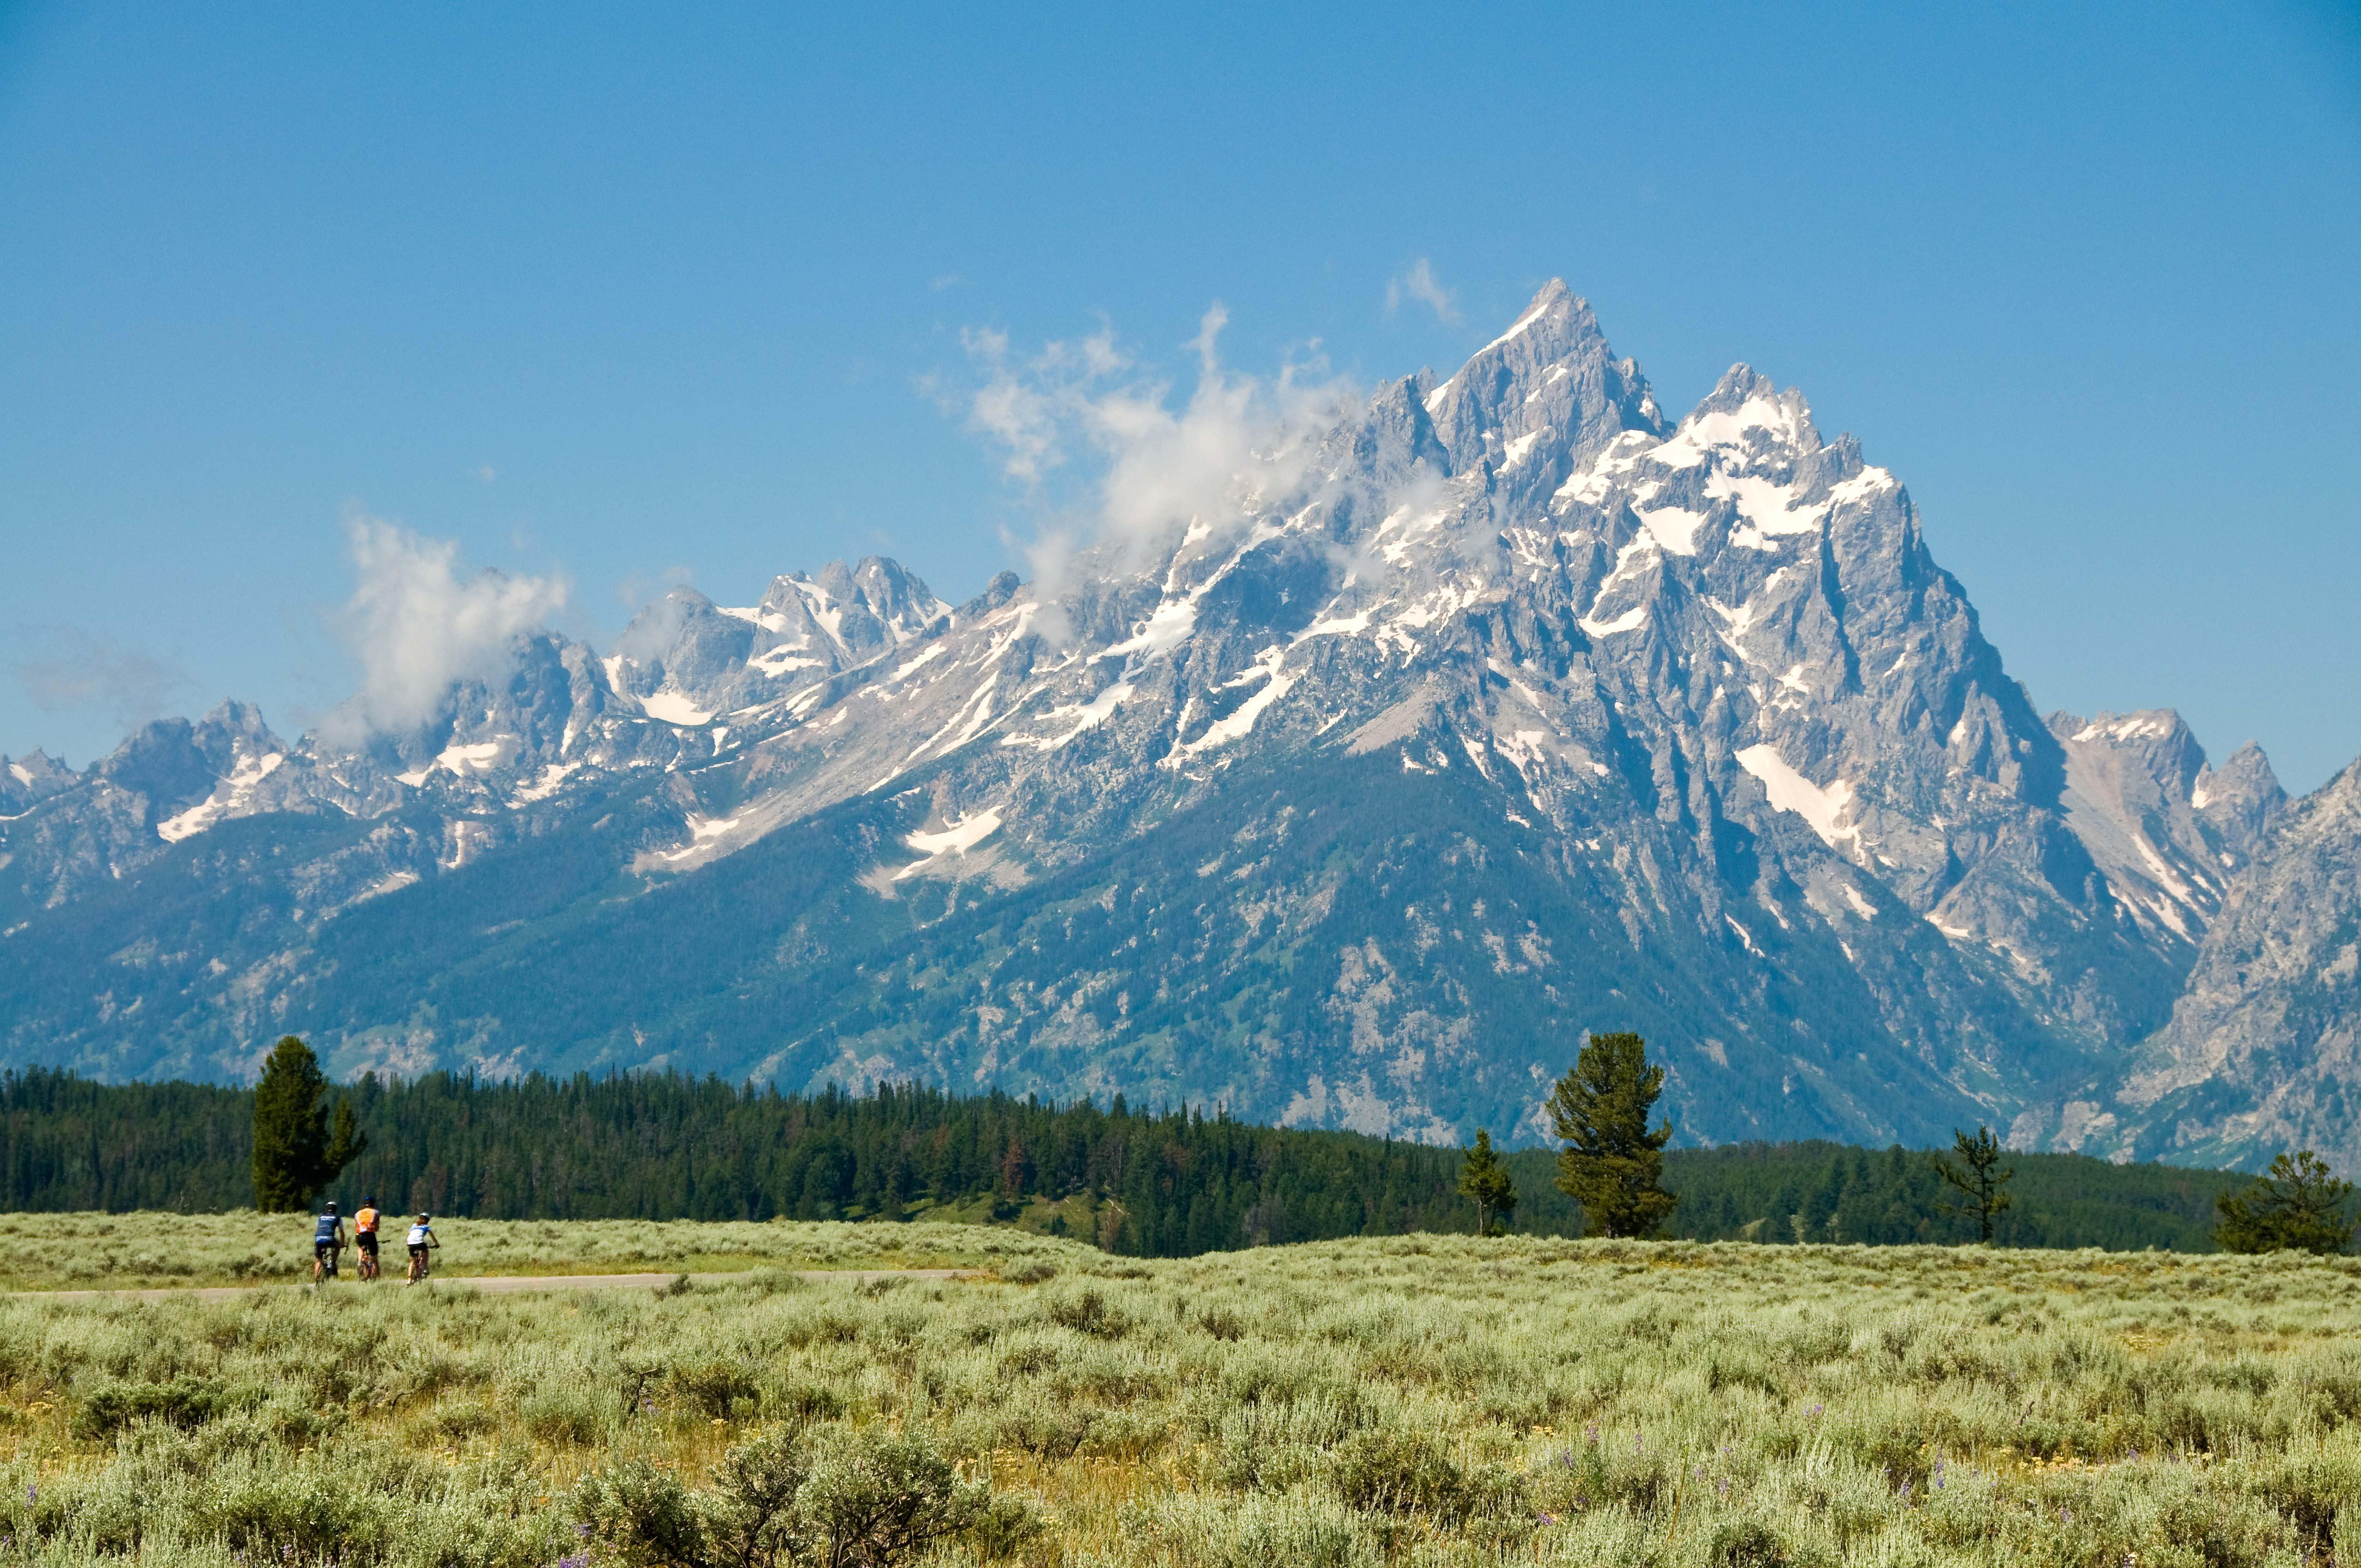 Trek Travel Adds Summer 2017 Yellowstone And Grand Tetons